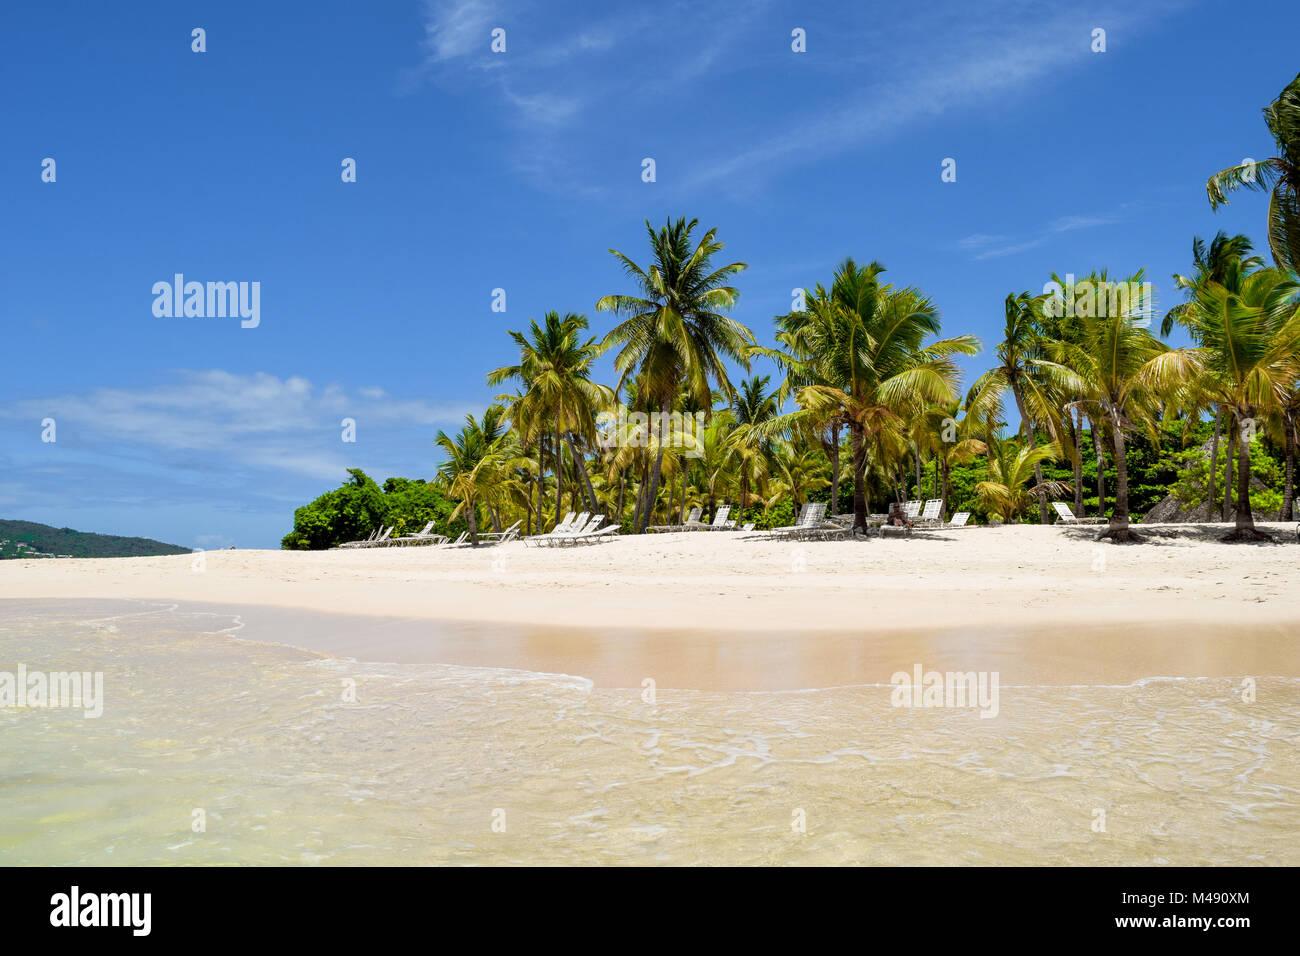 Belle île de la mer des caraïbes avec sable blanc et eau turquoise, la République dominicaine, de Photo Stock